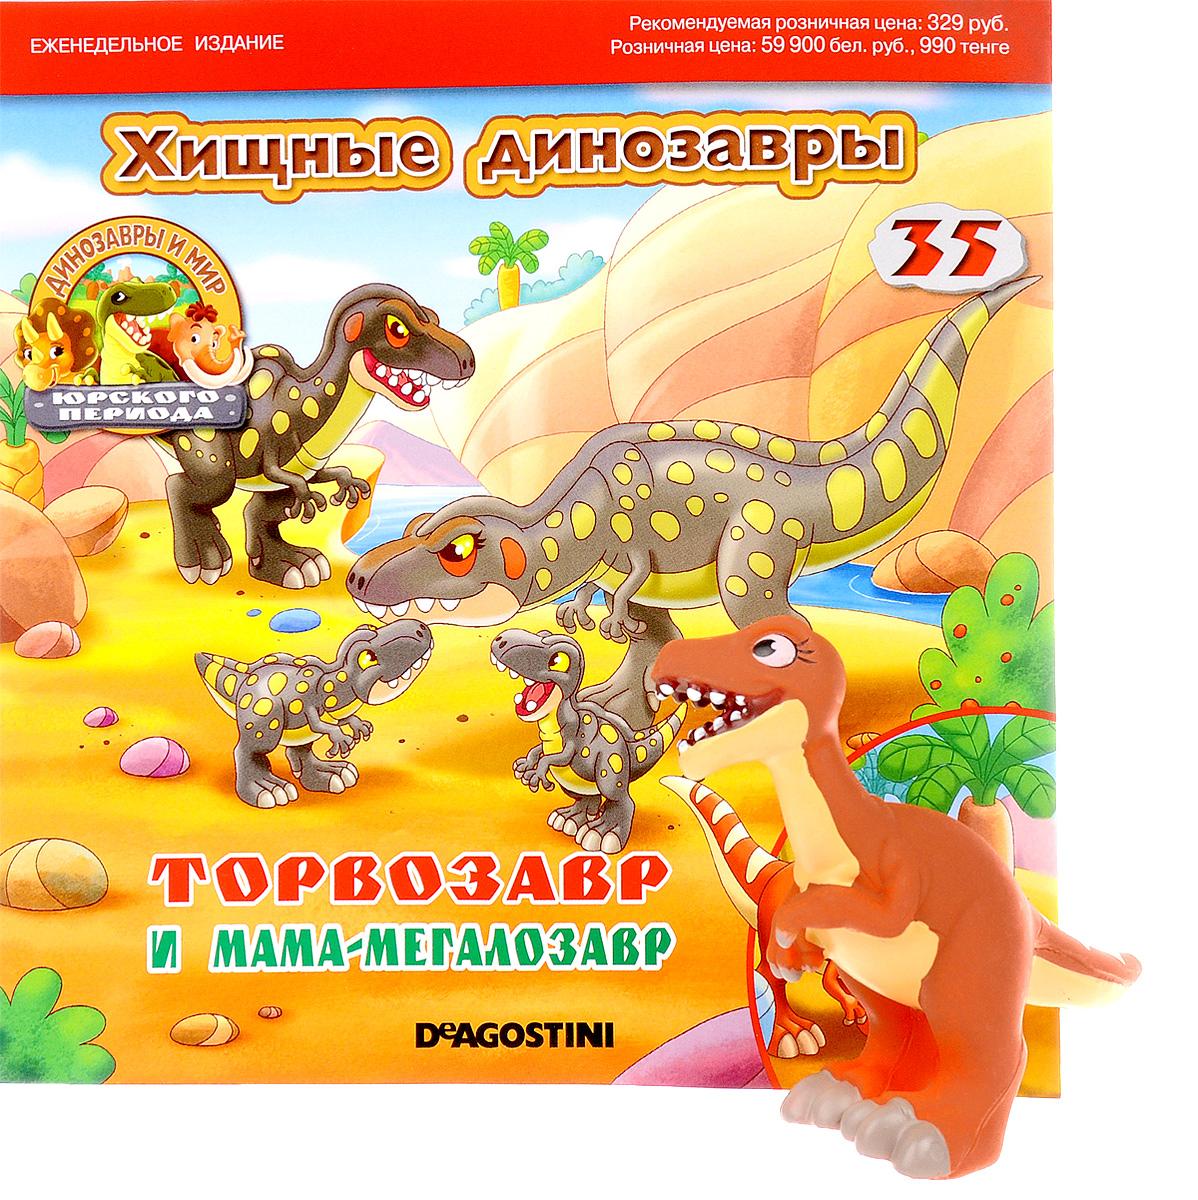 Журнал Динозавры и мир Юрского периода №35JUAN035С этой новой коллекцией дети узнают много нового о динозаврах и других доисторических животных. В каждом выпуске их ждут новые фигурки семейств динозавров, древних животных, части ландшафта и многое другое, а еженедельный журнал поможет им познакомиться с захватывающим миром юрского периода. Тема номера - Торвозавр и мама-мегалозавр. К выпуску прилагается игрушка в виде мамы-мегалозавра из ПВХ. Размер игрушки: 11 см х 8 см х 4,5 см. Игрушка не рекомендуется детям до 3-х лет.